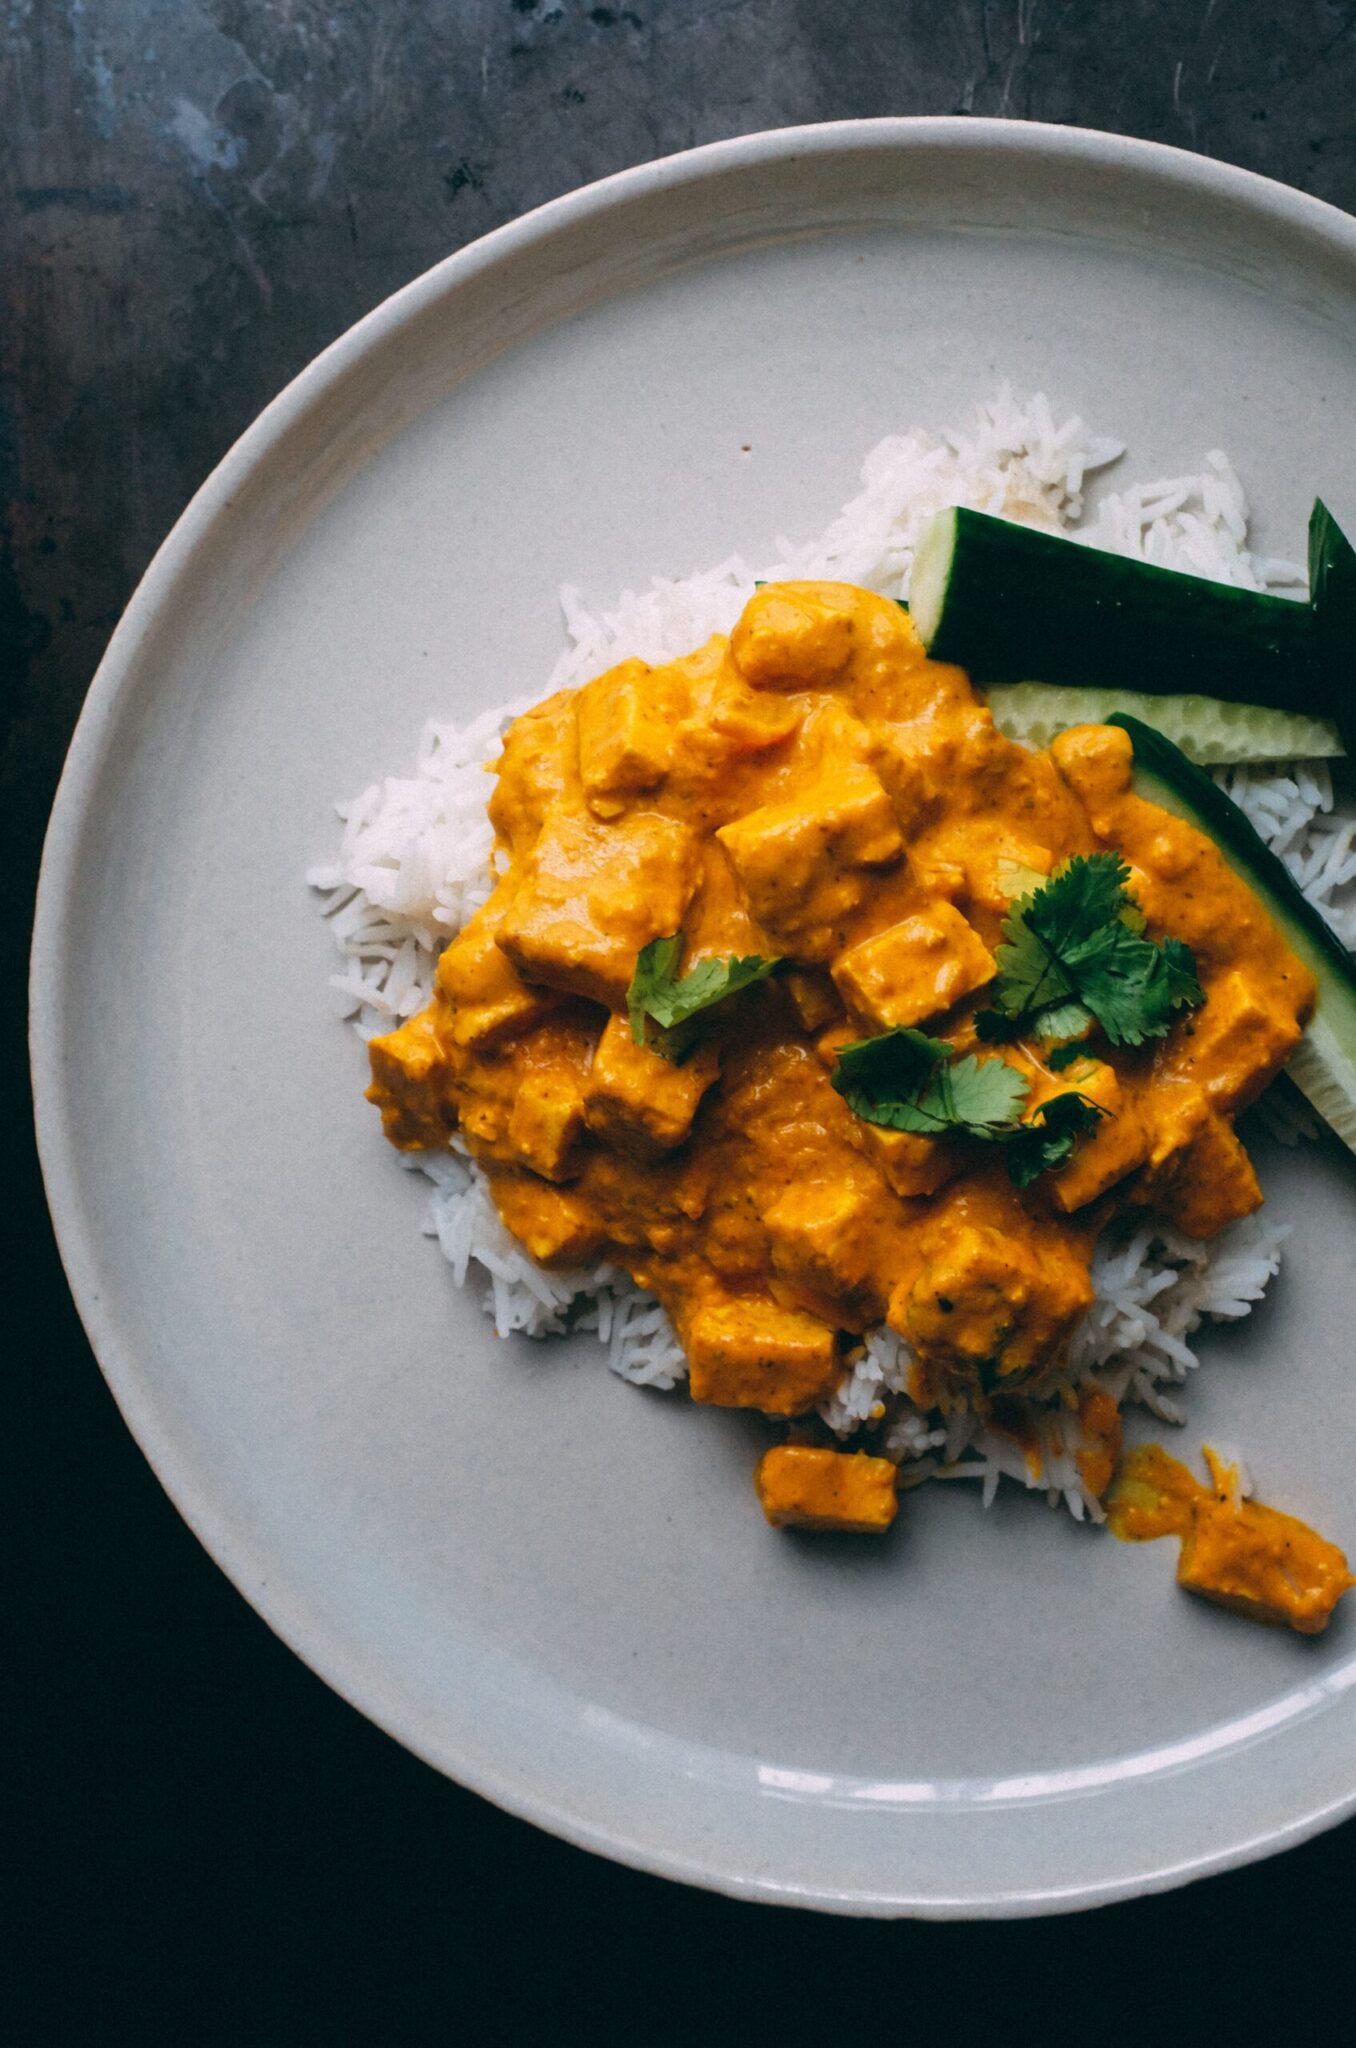 Ινδικό butter chicken (κοτόπουλο με σάλτσα μπαχαρικών)